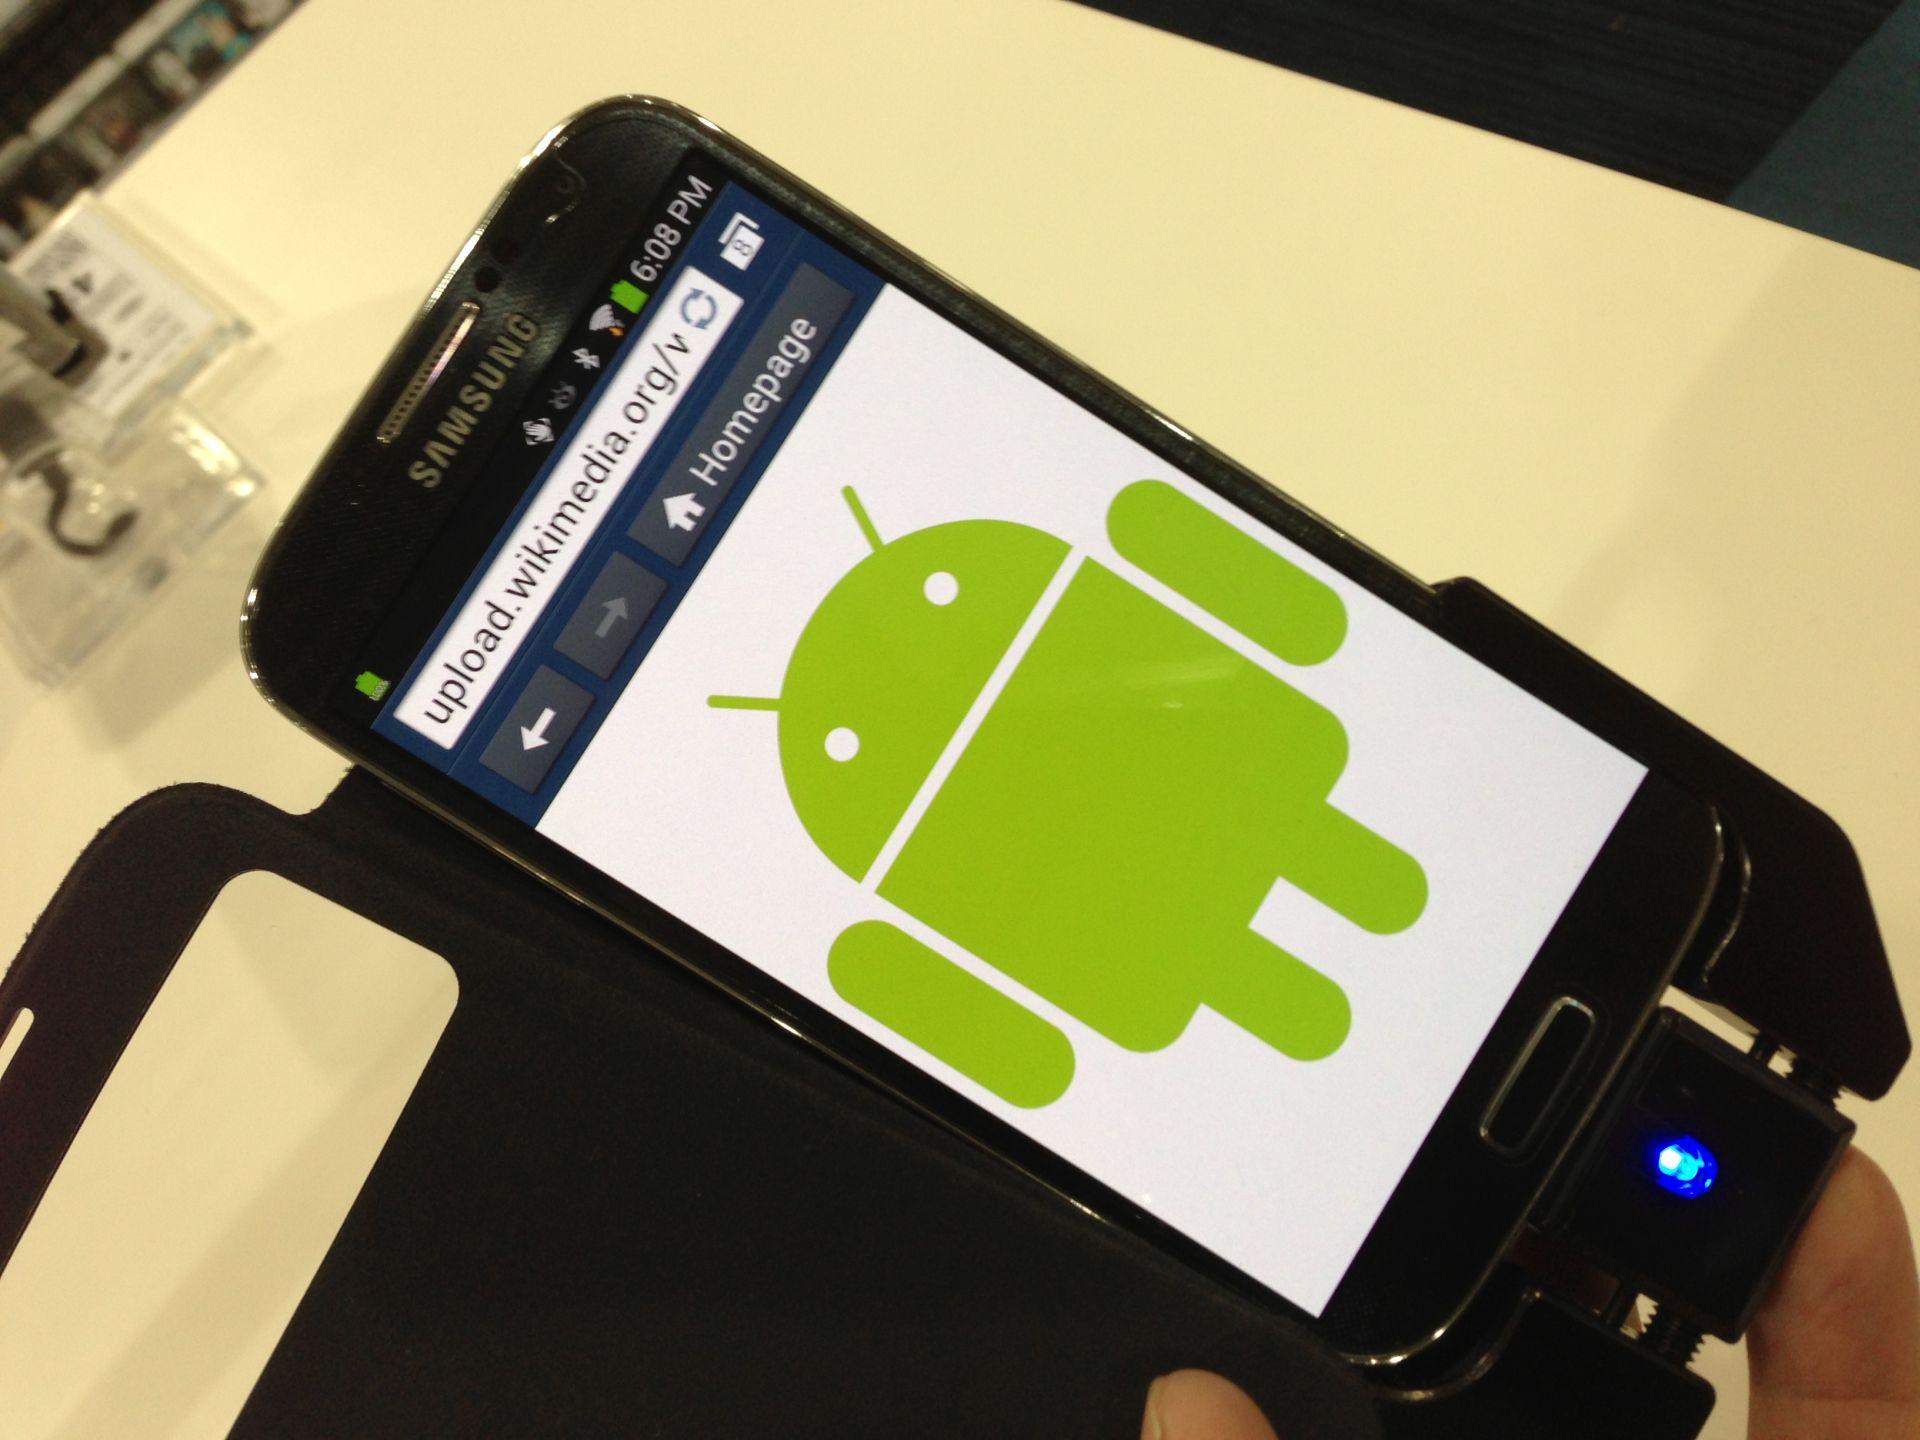 Google conferma l'esistenza di Android Pay